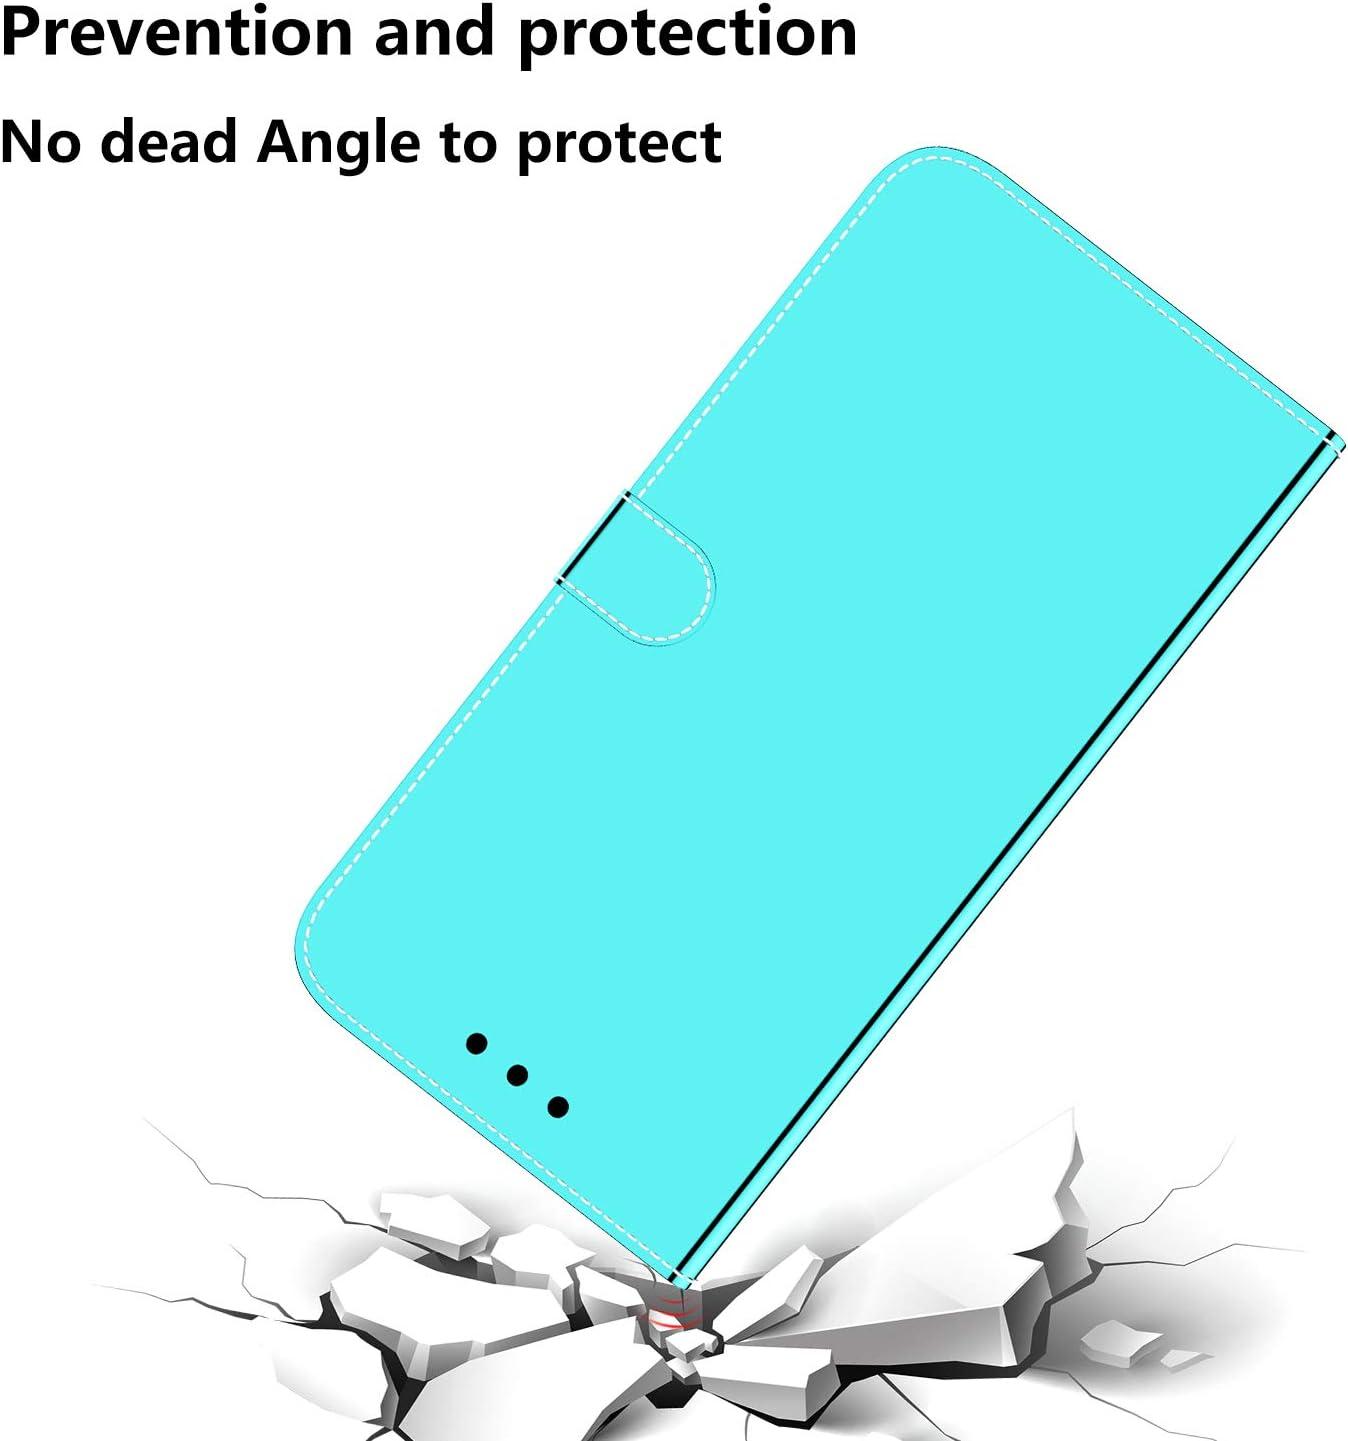 Mi 9T Pro Spiegel H/ülle Blau WIWJ Clear View Standing Cover f/ür Xiaomi Mi 9T 360 Grad Full Schutz Handyh/ülle Ledertasche Wallet Case mit Kartenhalter Tragegurt Sto/ßfest Schutzh/ülle Tasche